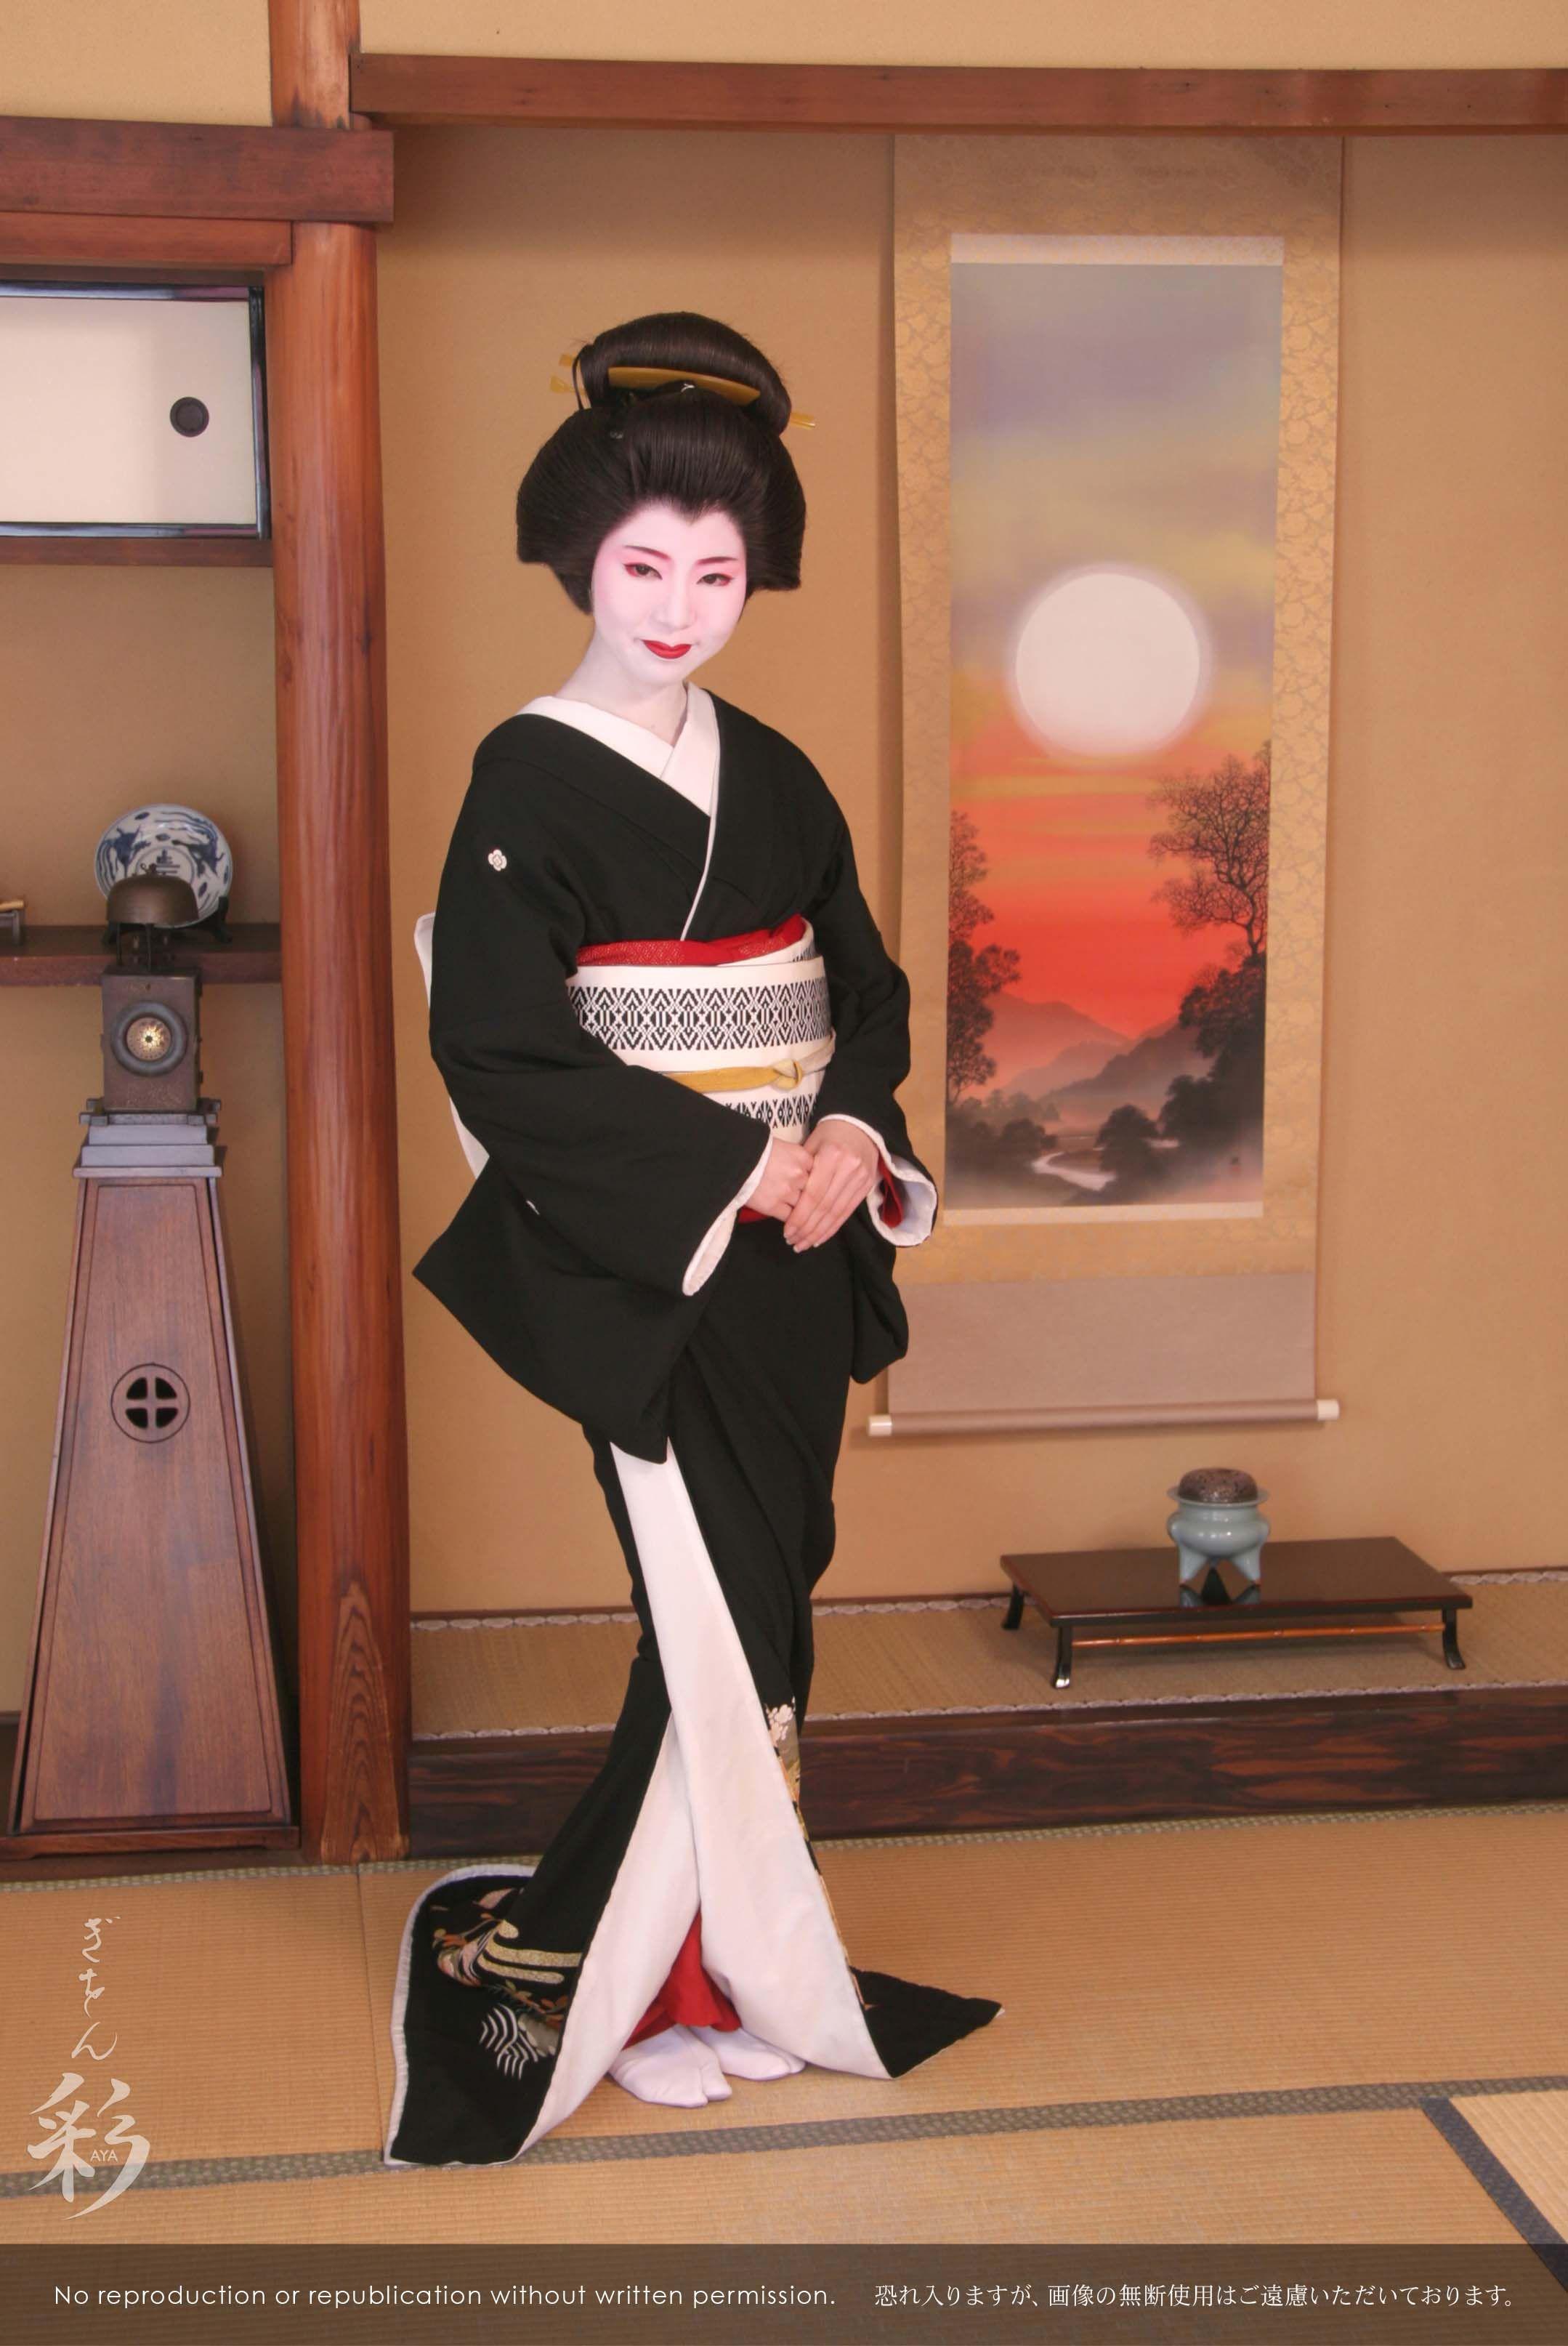 芸妓姿で。お座敷スタジオにて。#Maiko #Geiko #Kyoto